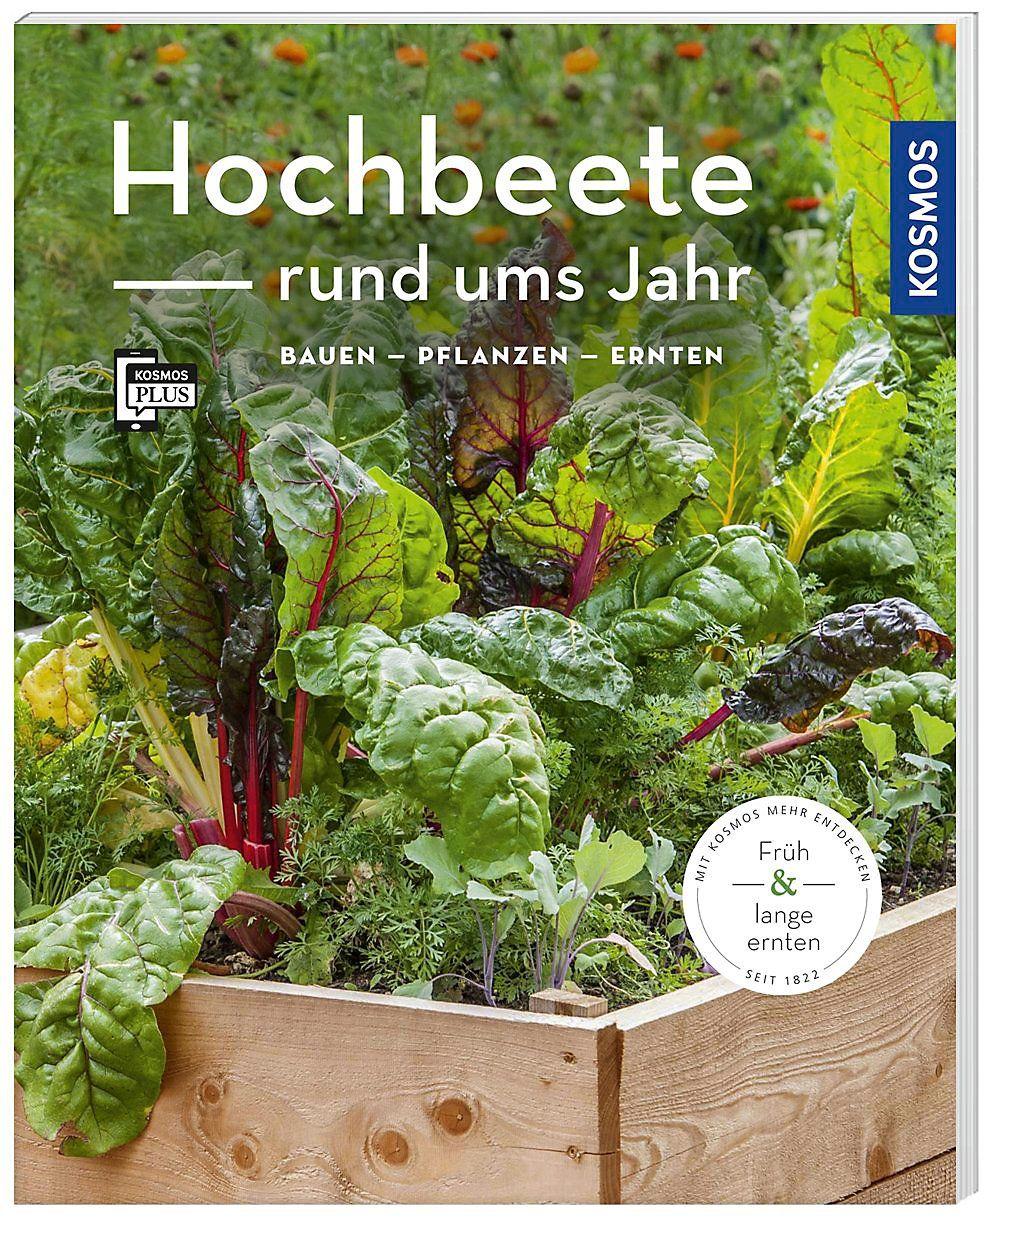 Hochbeete Rund Ums Jahr Buch Versandkostenfrei Bei Weltbild De Bestellen Mit Bildern Hochbeet Pflanzen Bepflanzung